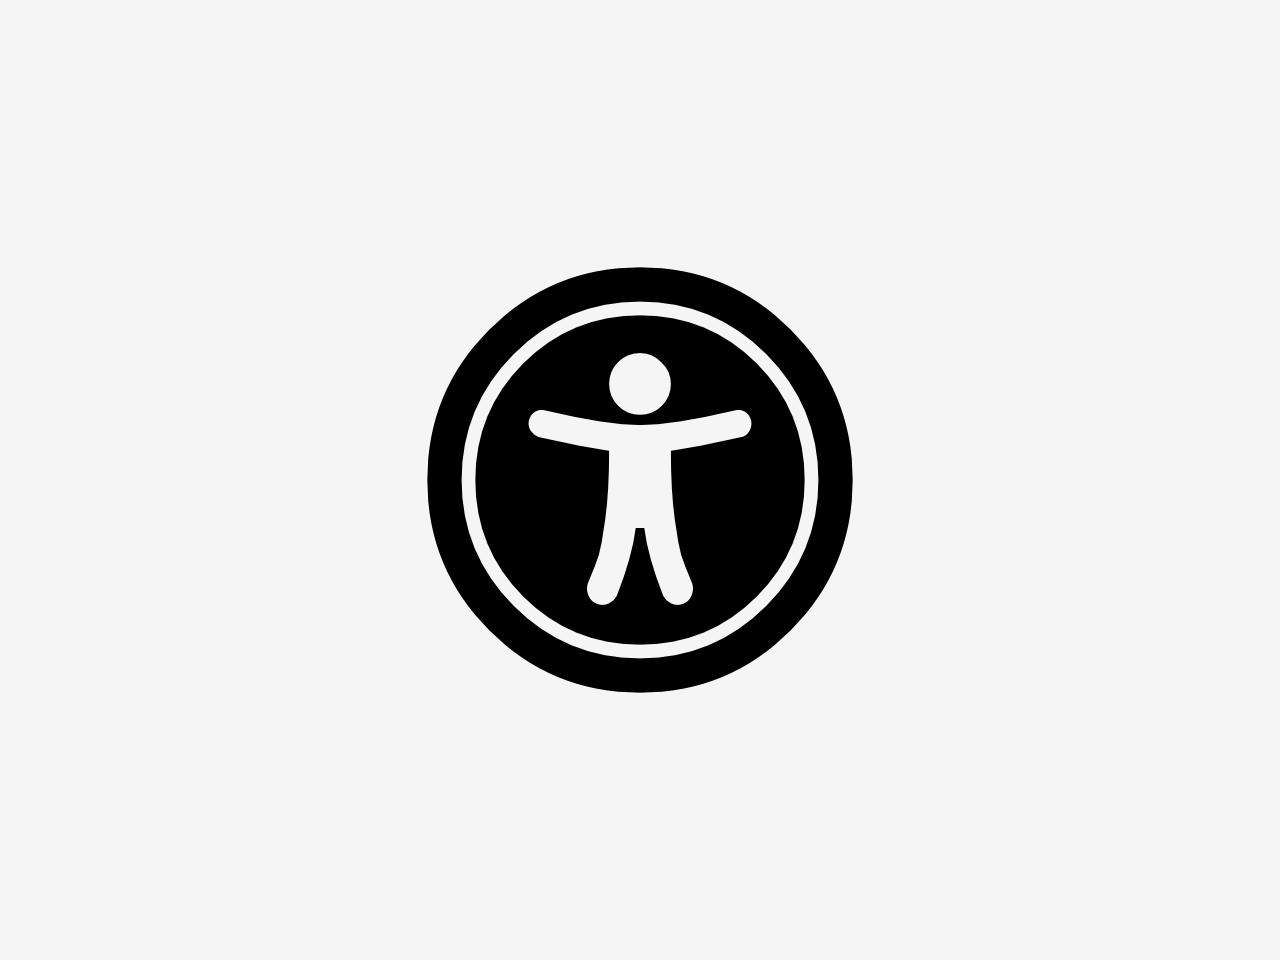 Bild zeigt ein Symbol für Barrierefreiheit. Das Symbol zeigt einen Kreis, indem ein Mensch mit geöffneten Armen und Beinen abgebildet ist.